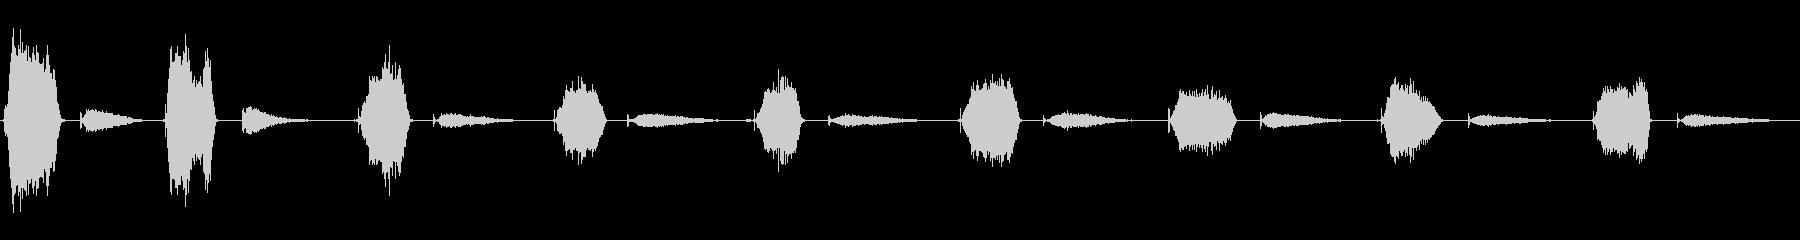 スキューバレギュレータを介して呼吸...の未再生の波形